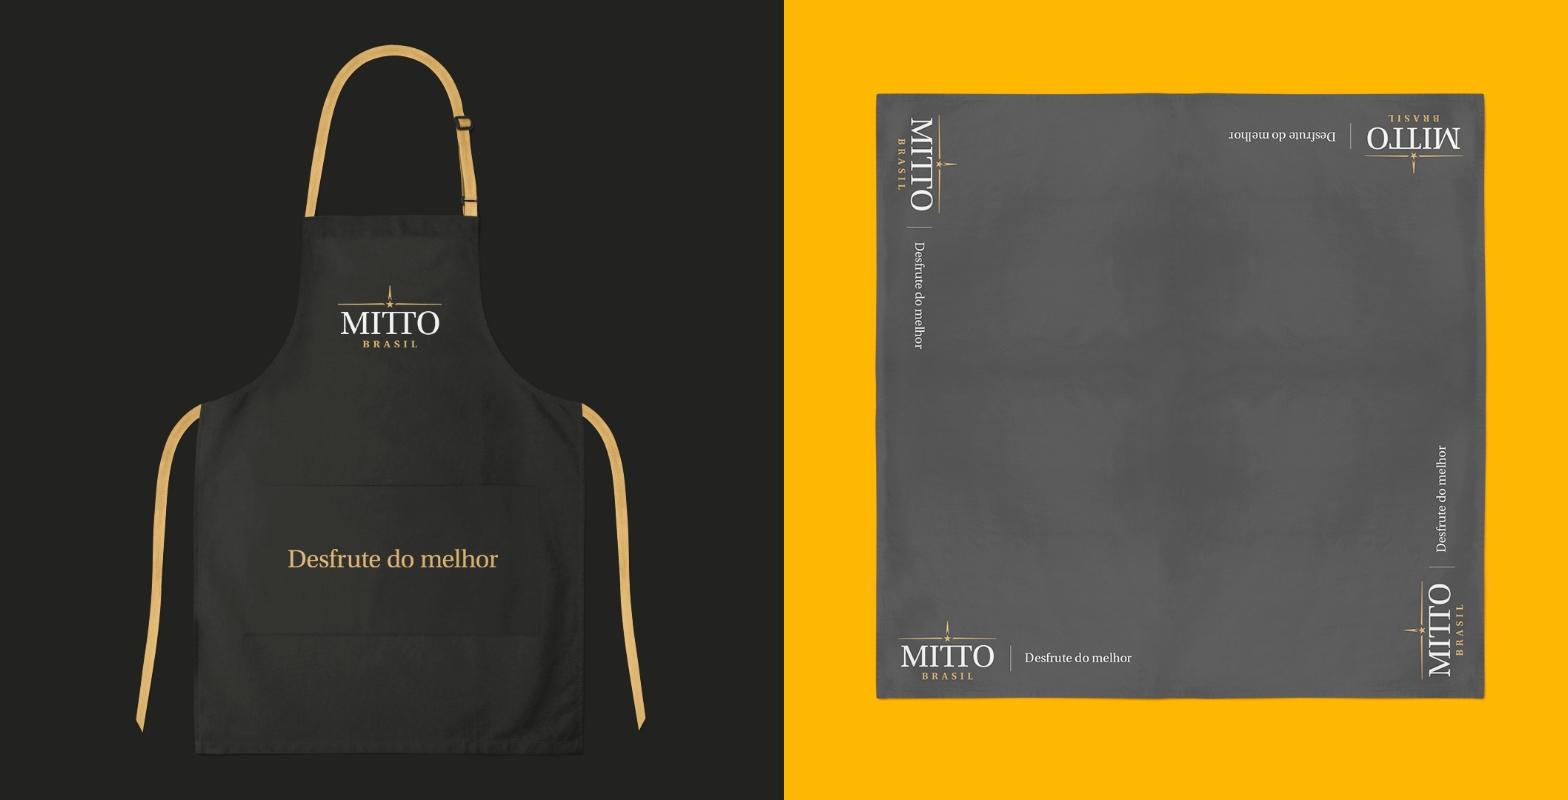 Mitto - Identidade visual e Branding (5)